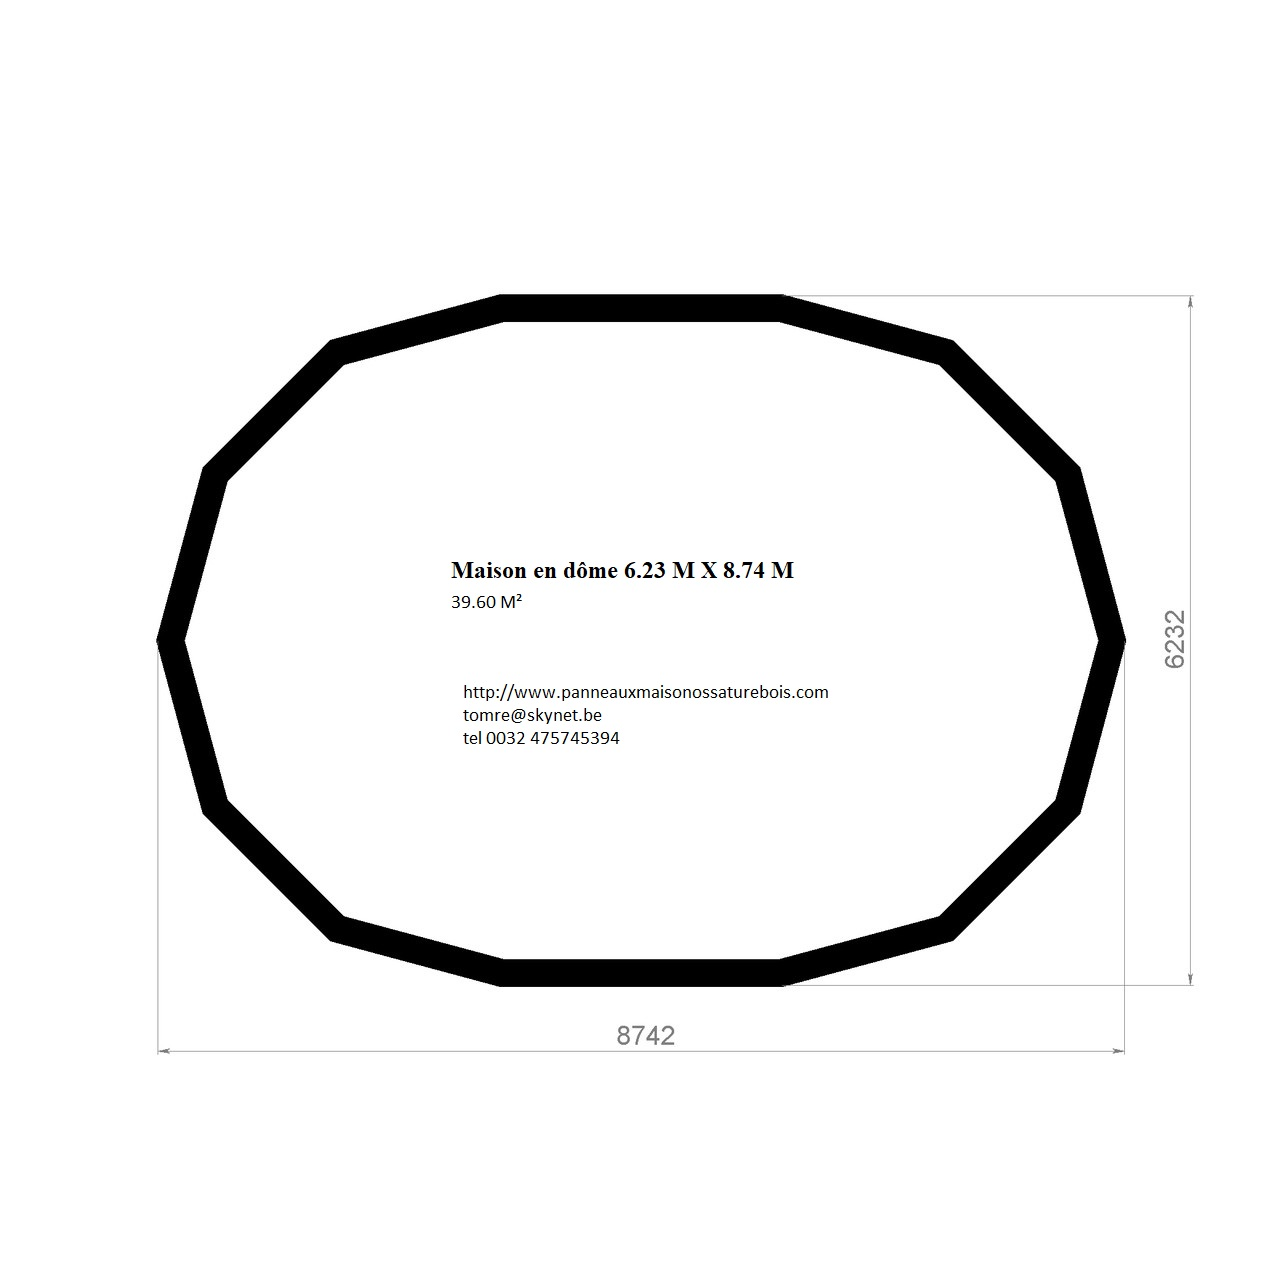 Dome allongé de 39.6 M² 06